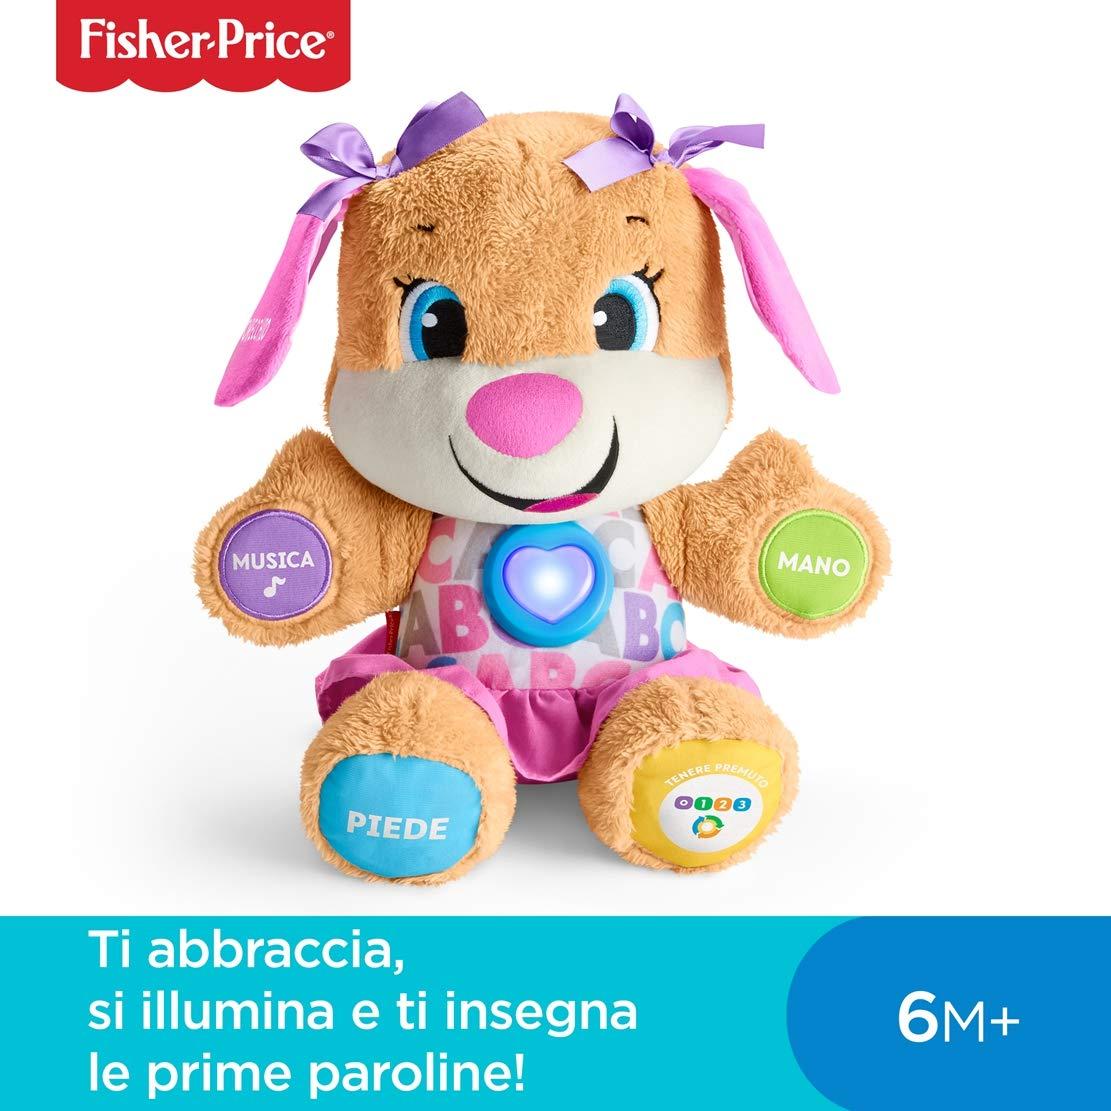 Fisher Price FPM51 Giocattolo per Bambini di 6 Mesi Cagnolino Smart Stages Ridi e Impara Morbido Peluche Educativo con Musica e Canzoni